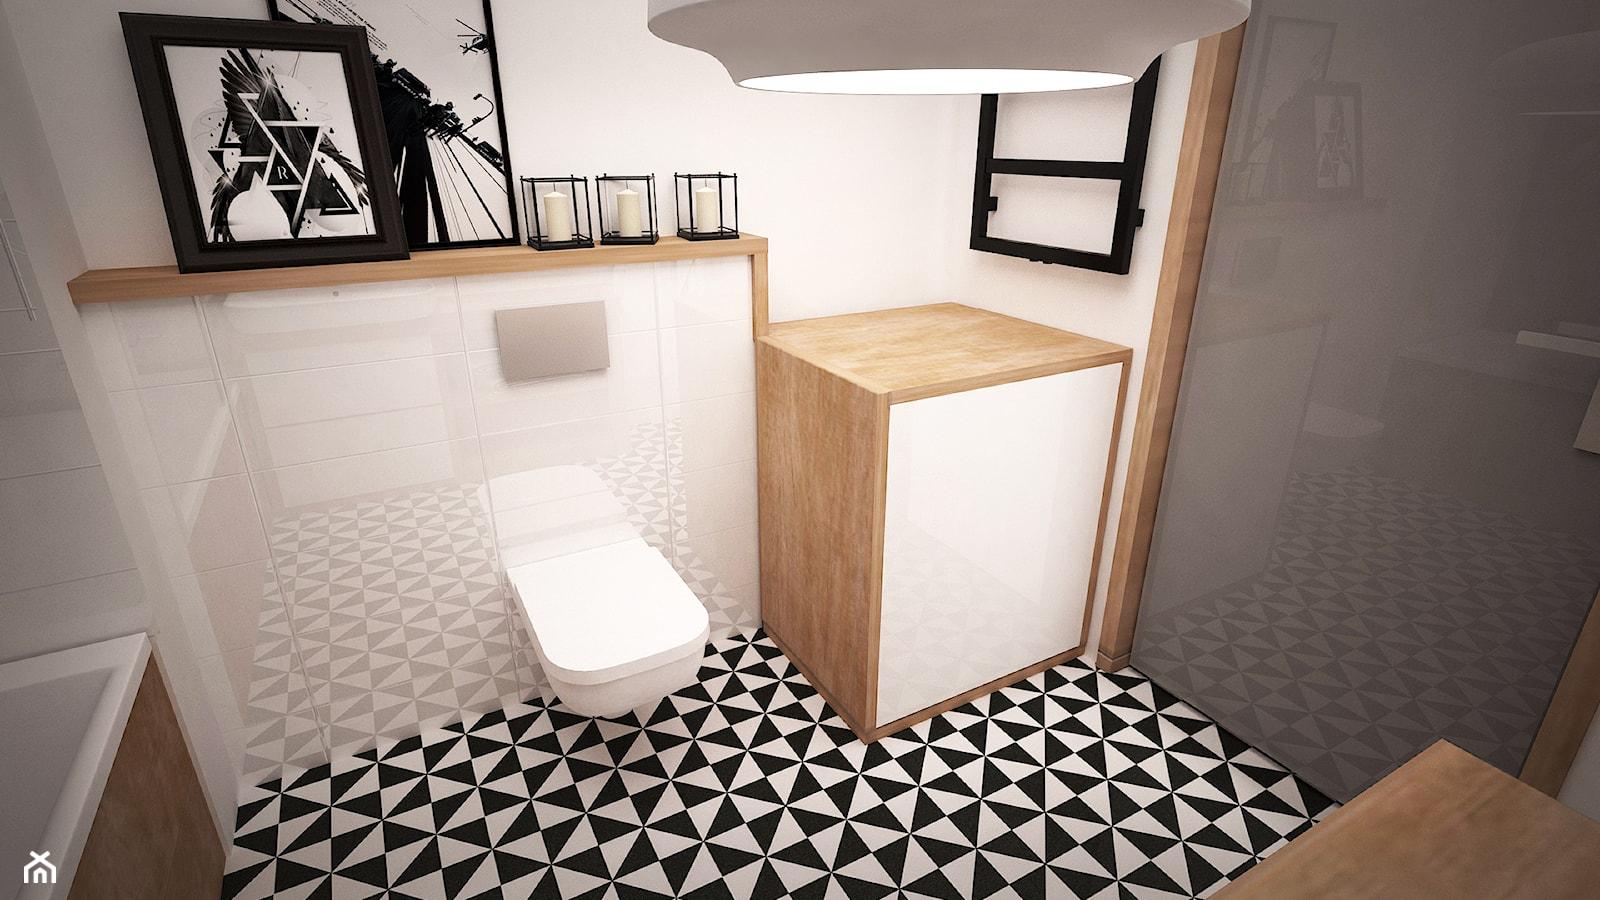 ŁAZIENKA ŻOLIBORZ ARTYSTYCZNY - Mała łazienka w bloku bez okna, styl eklektyczny - zdjęcie od Ada Wrońska - Homebook